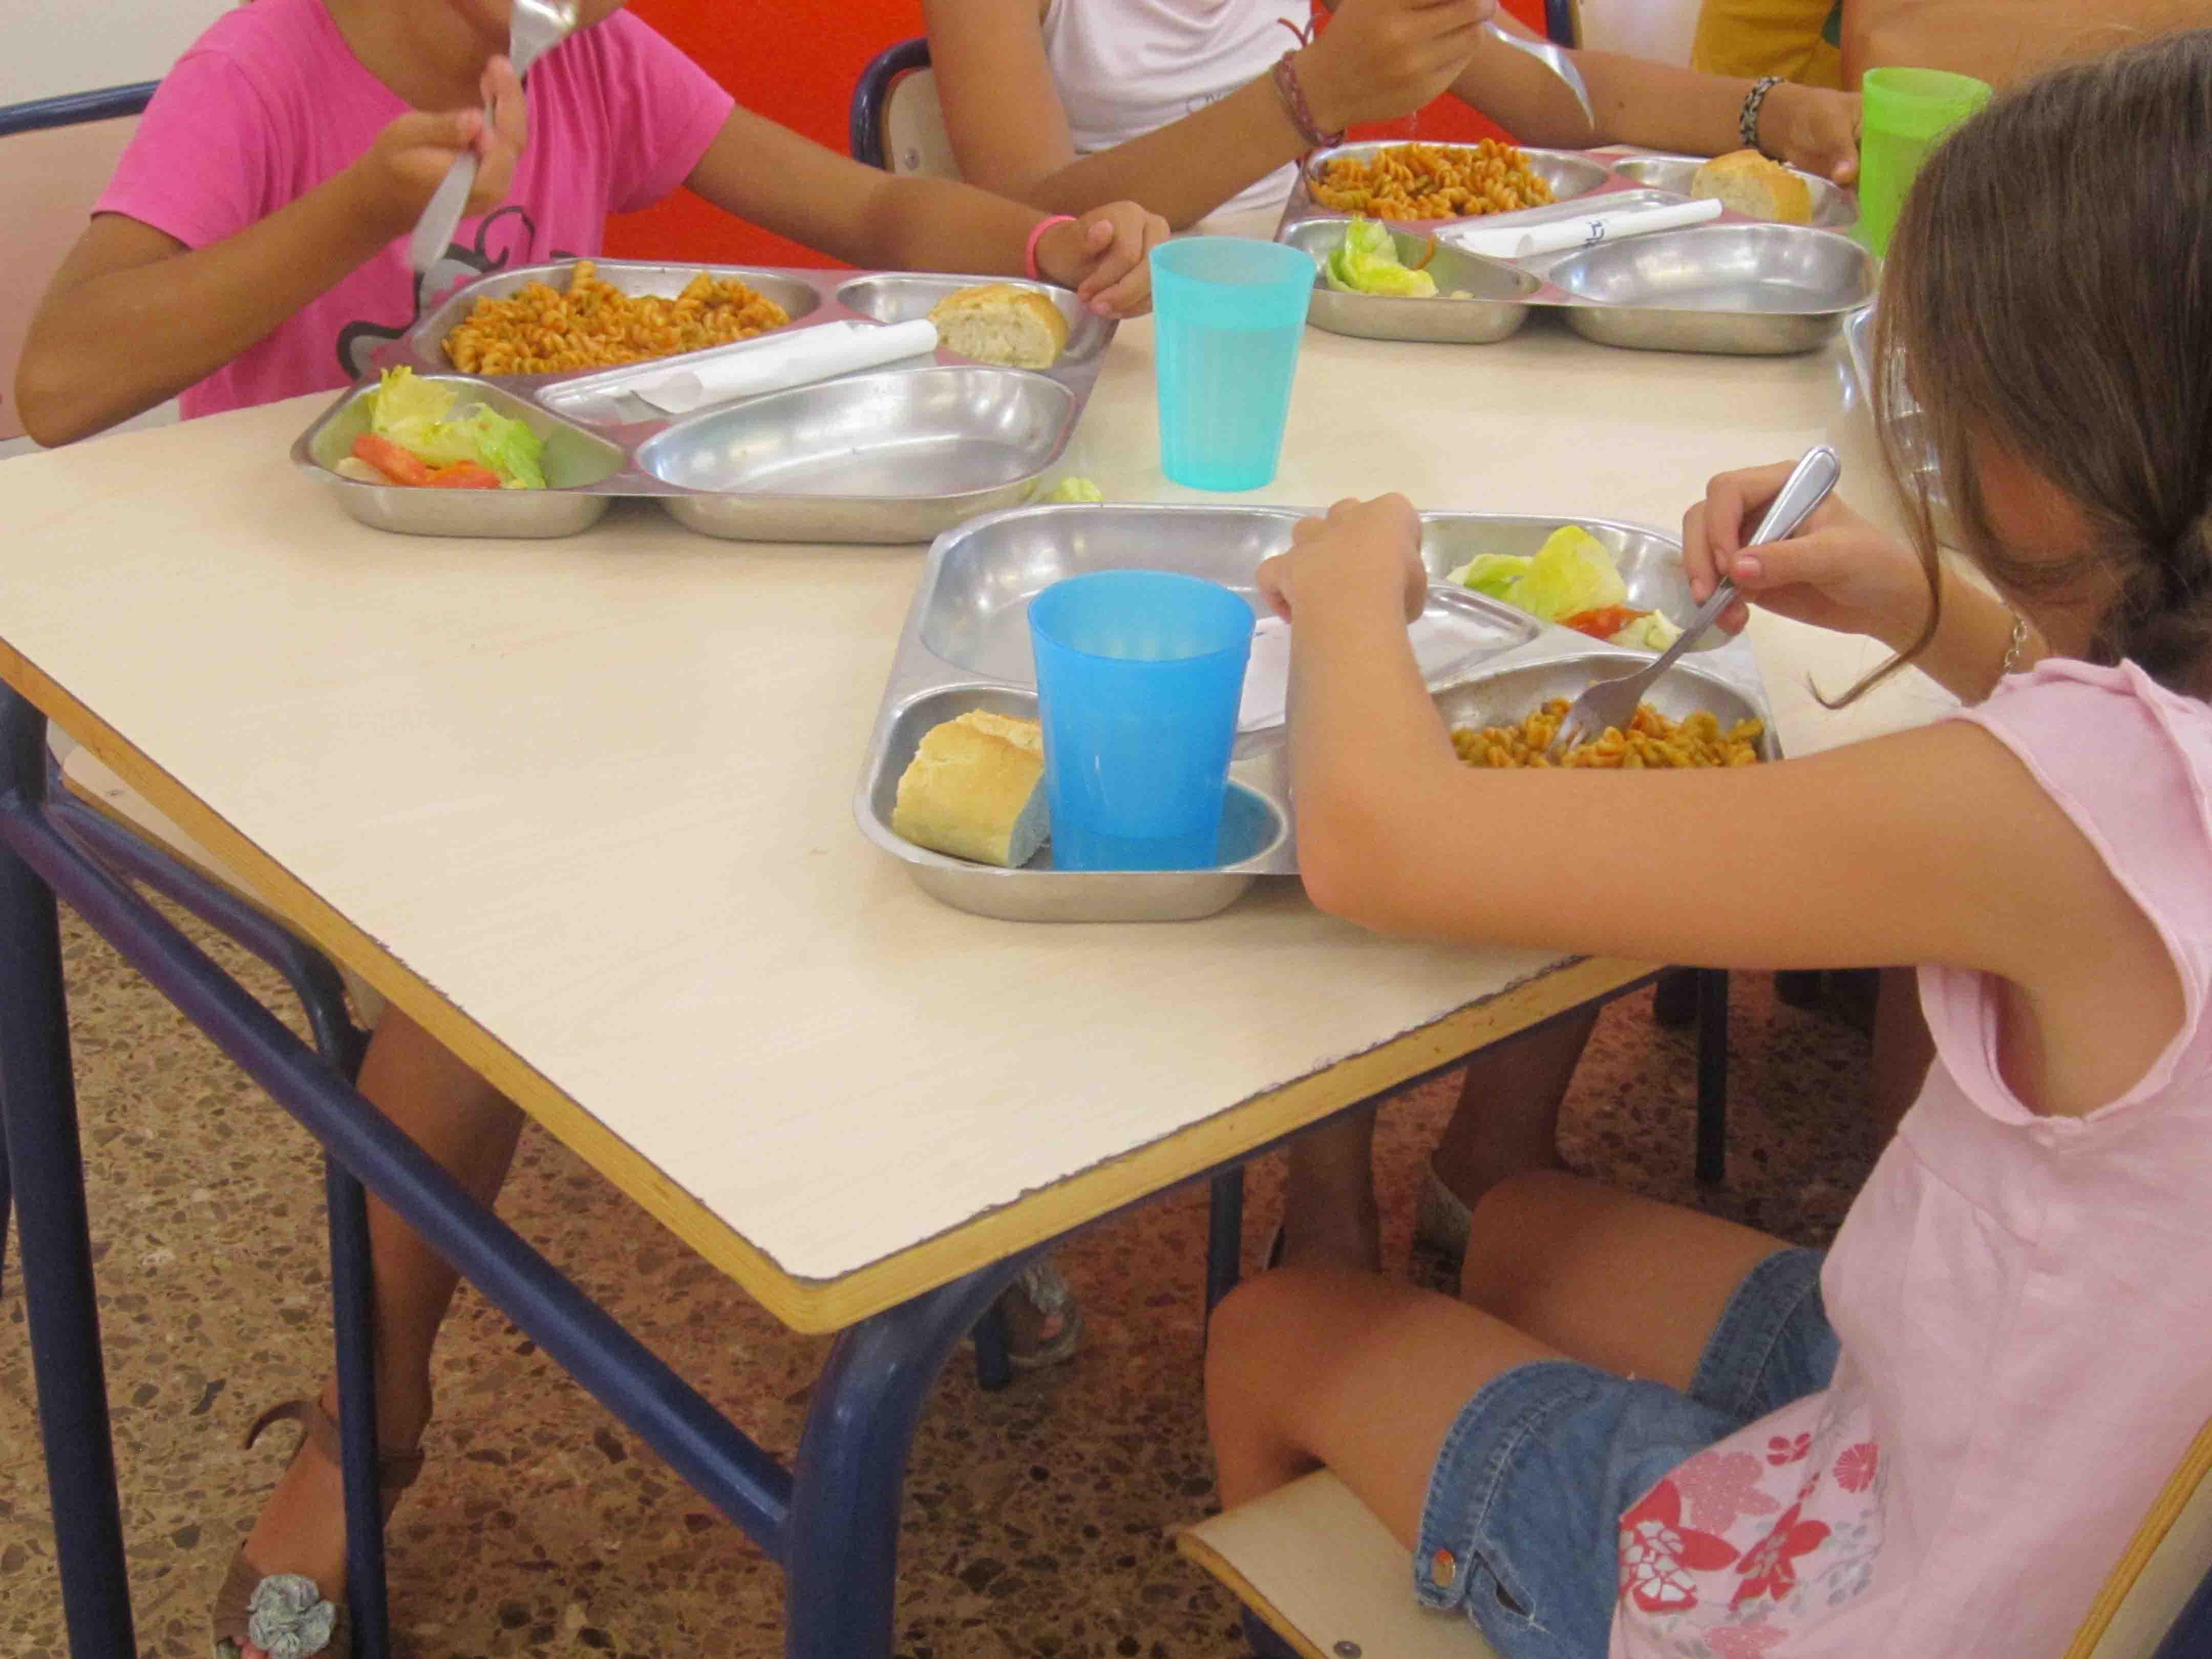 Comedor escolar los 365 días del año en Paterna para los menores con riesgo de exclusión social